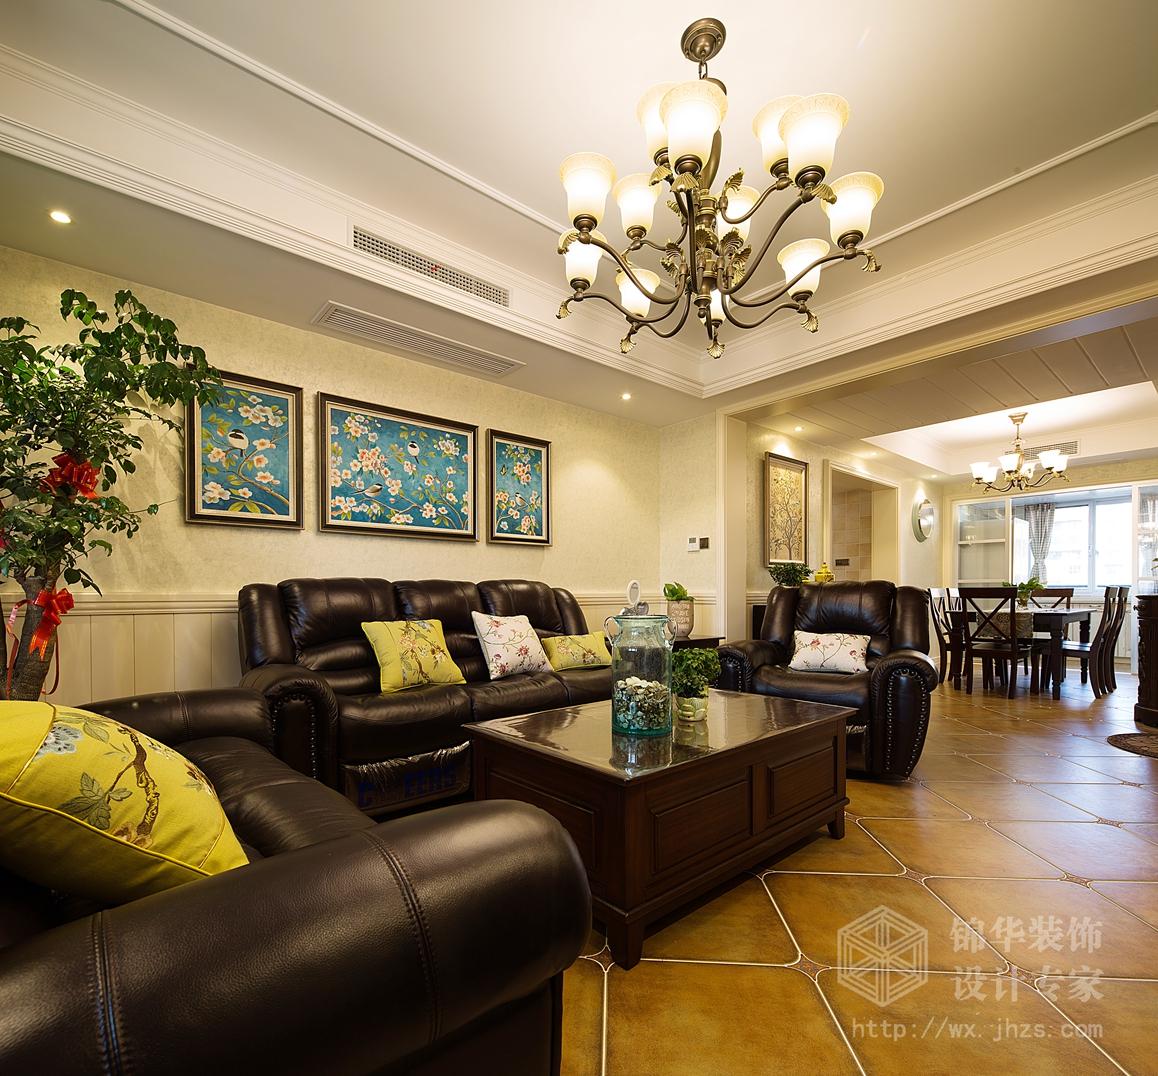 融创熙园137平三室两厅一卫美式风格实景图